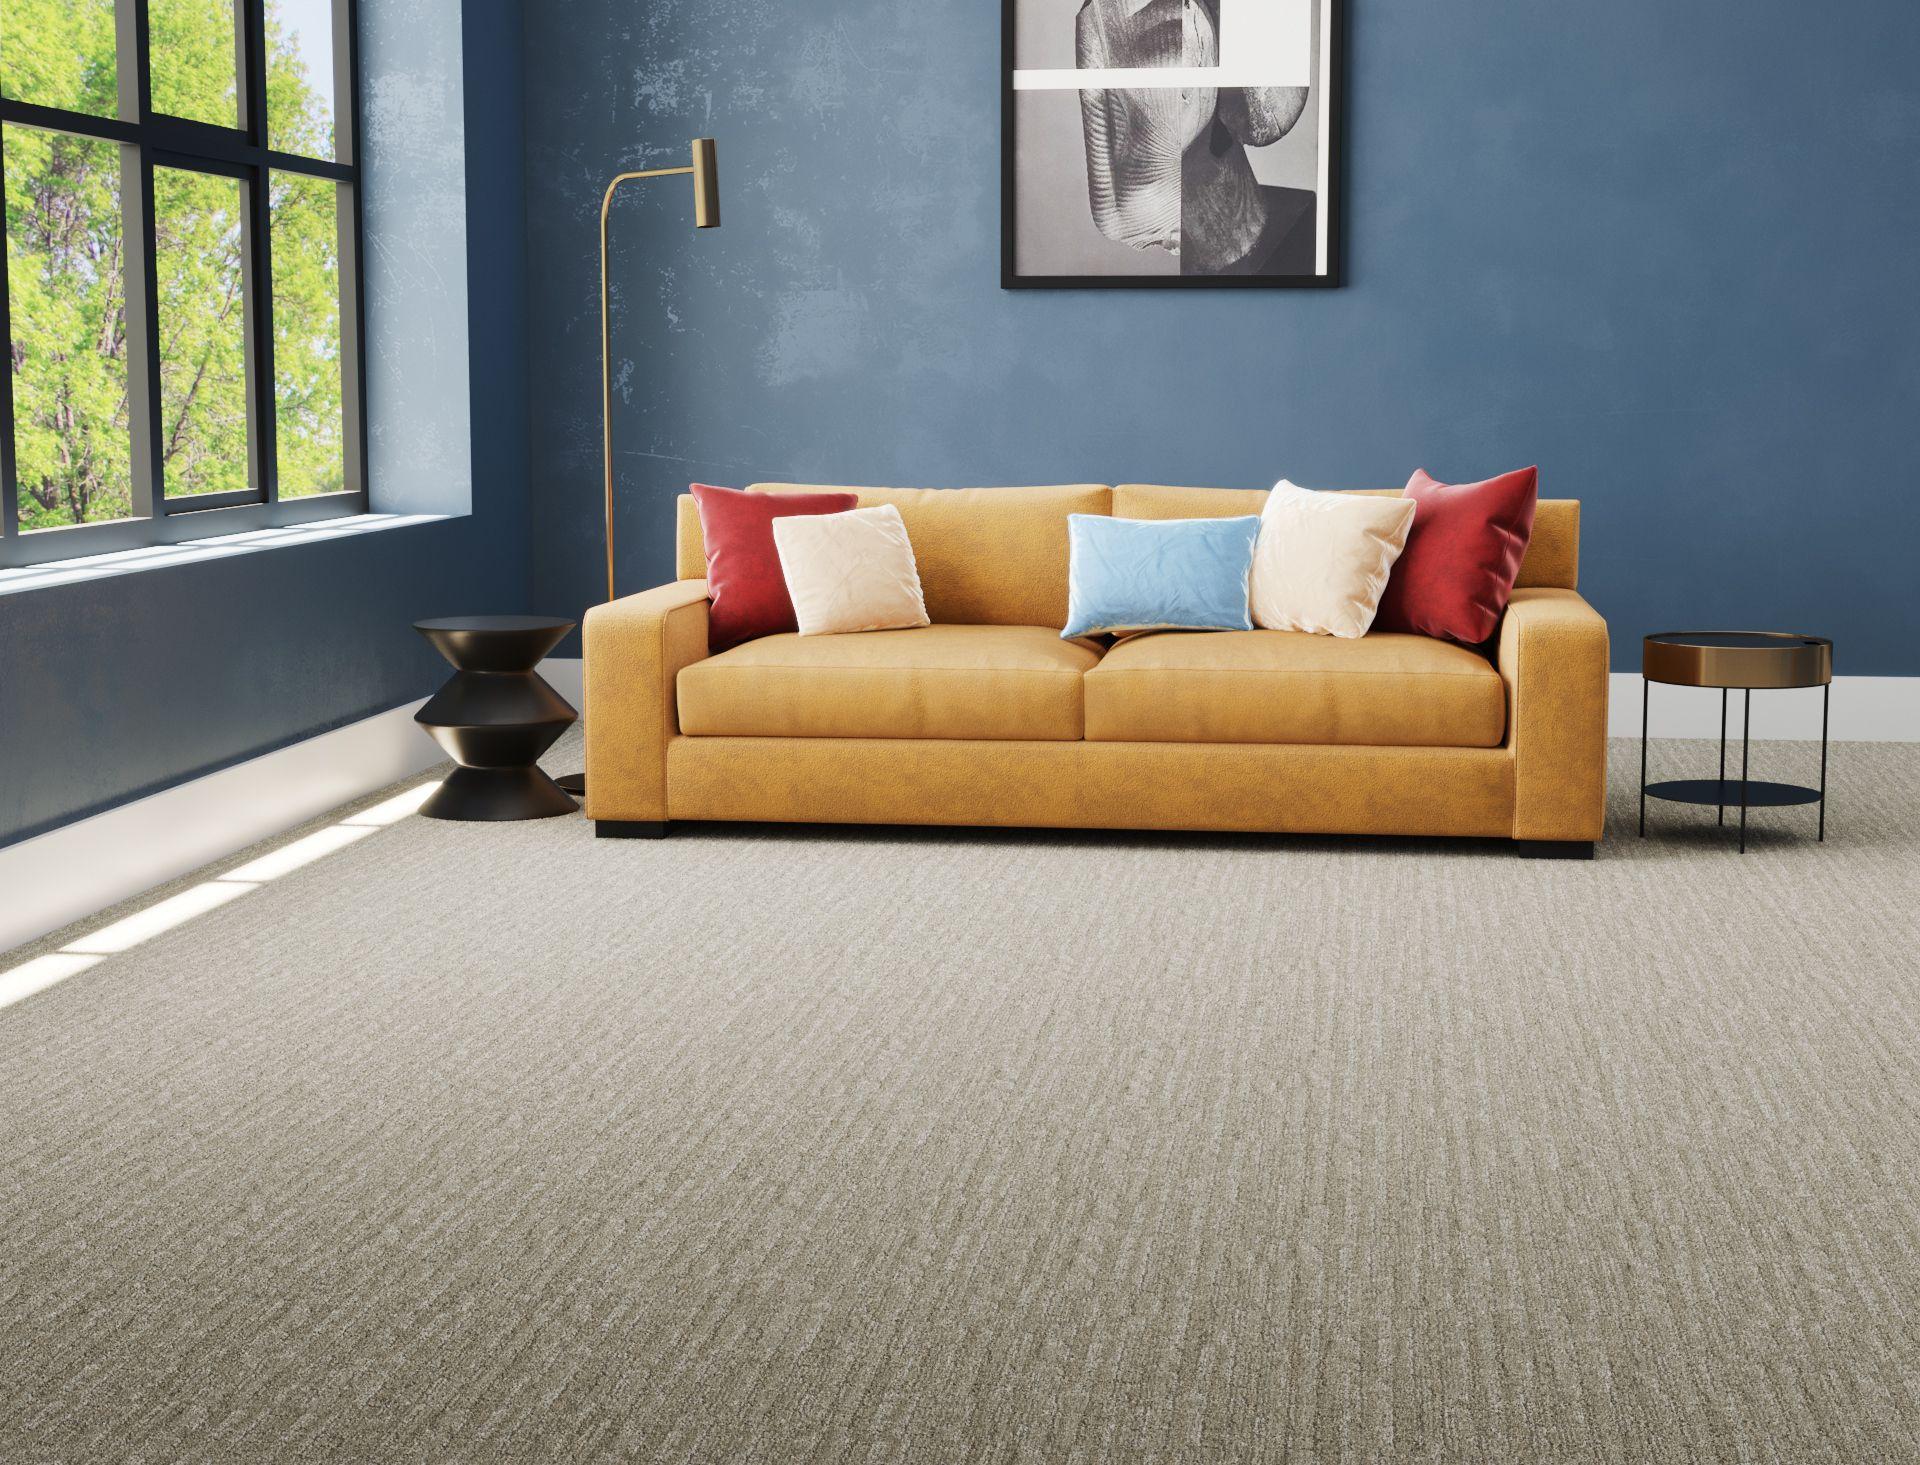 Resista 3 0 Carpet Durable Carpet Top Design Trends Carpet Flooring